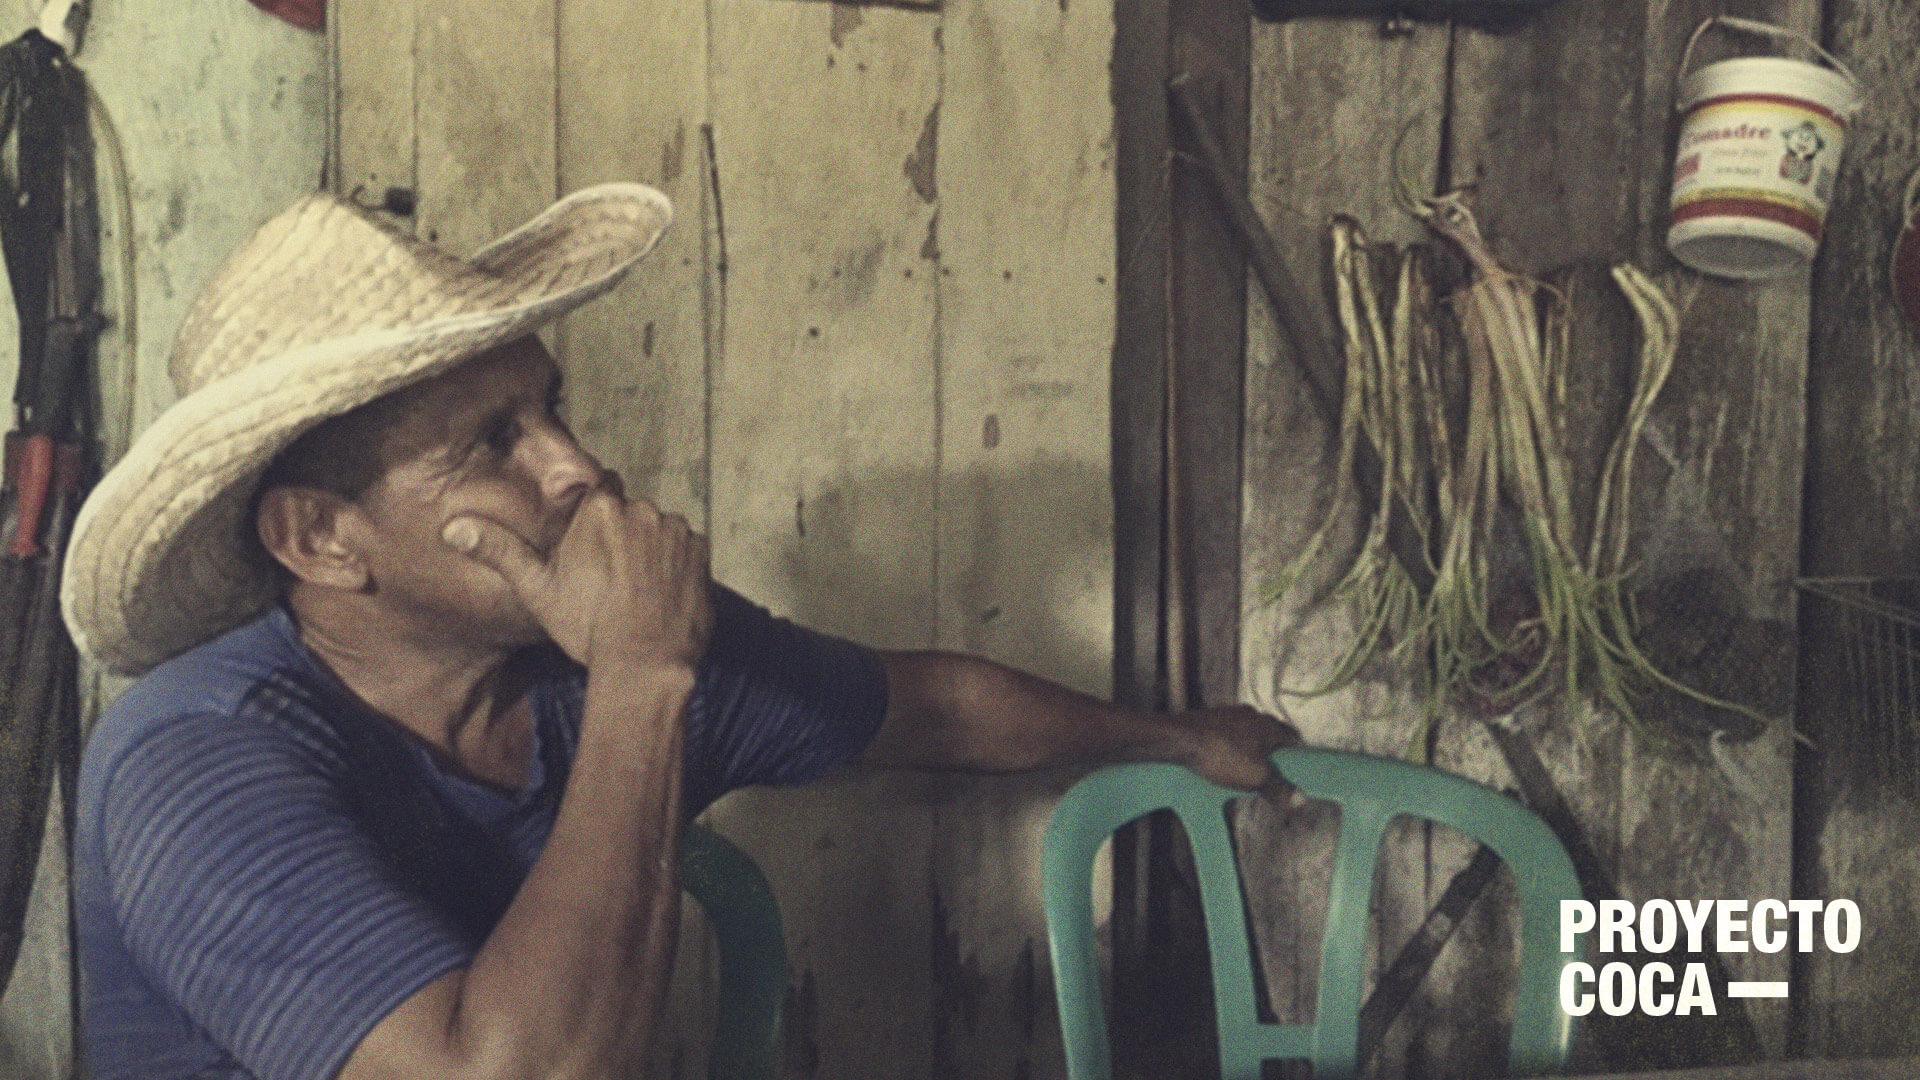 Testimonios y retratos: así era vivir de la coca en el Caquetá